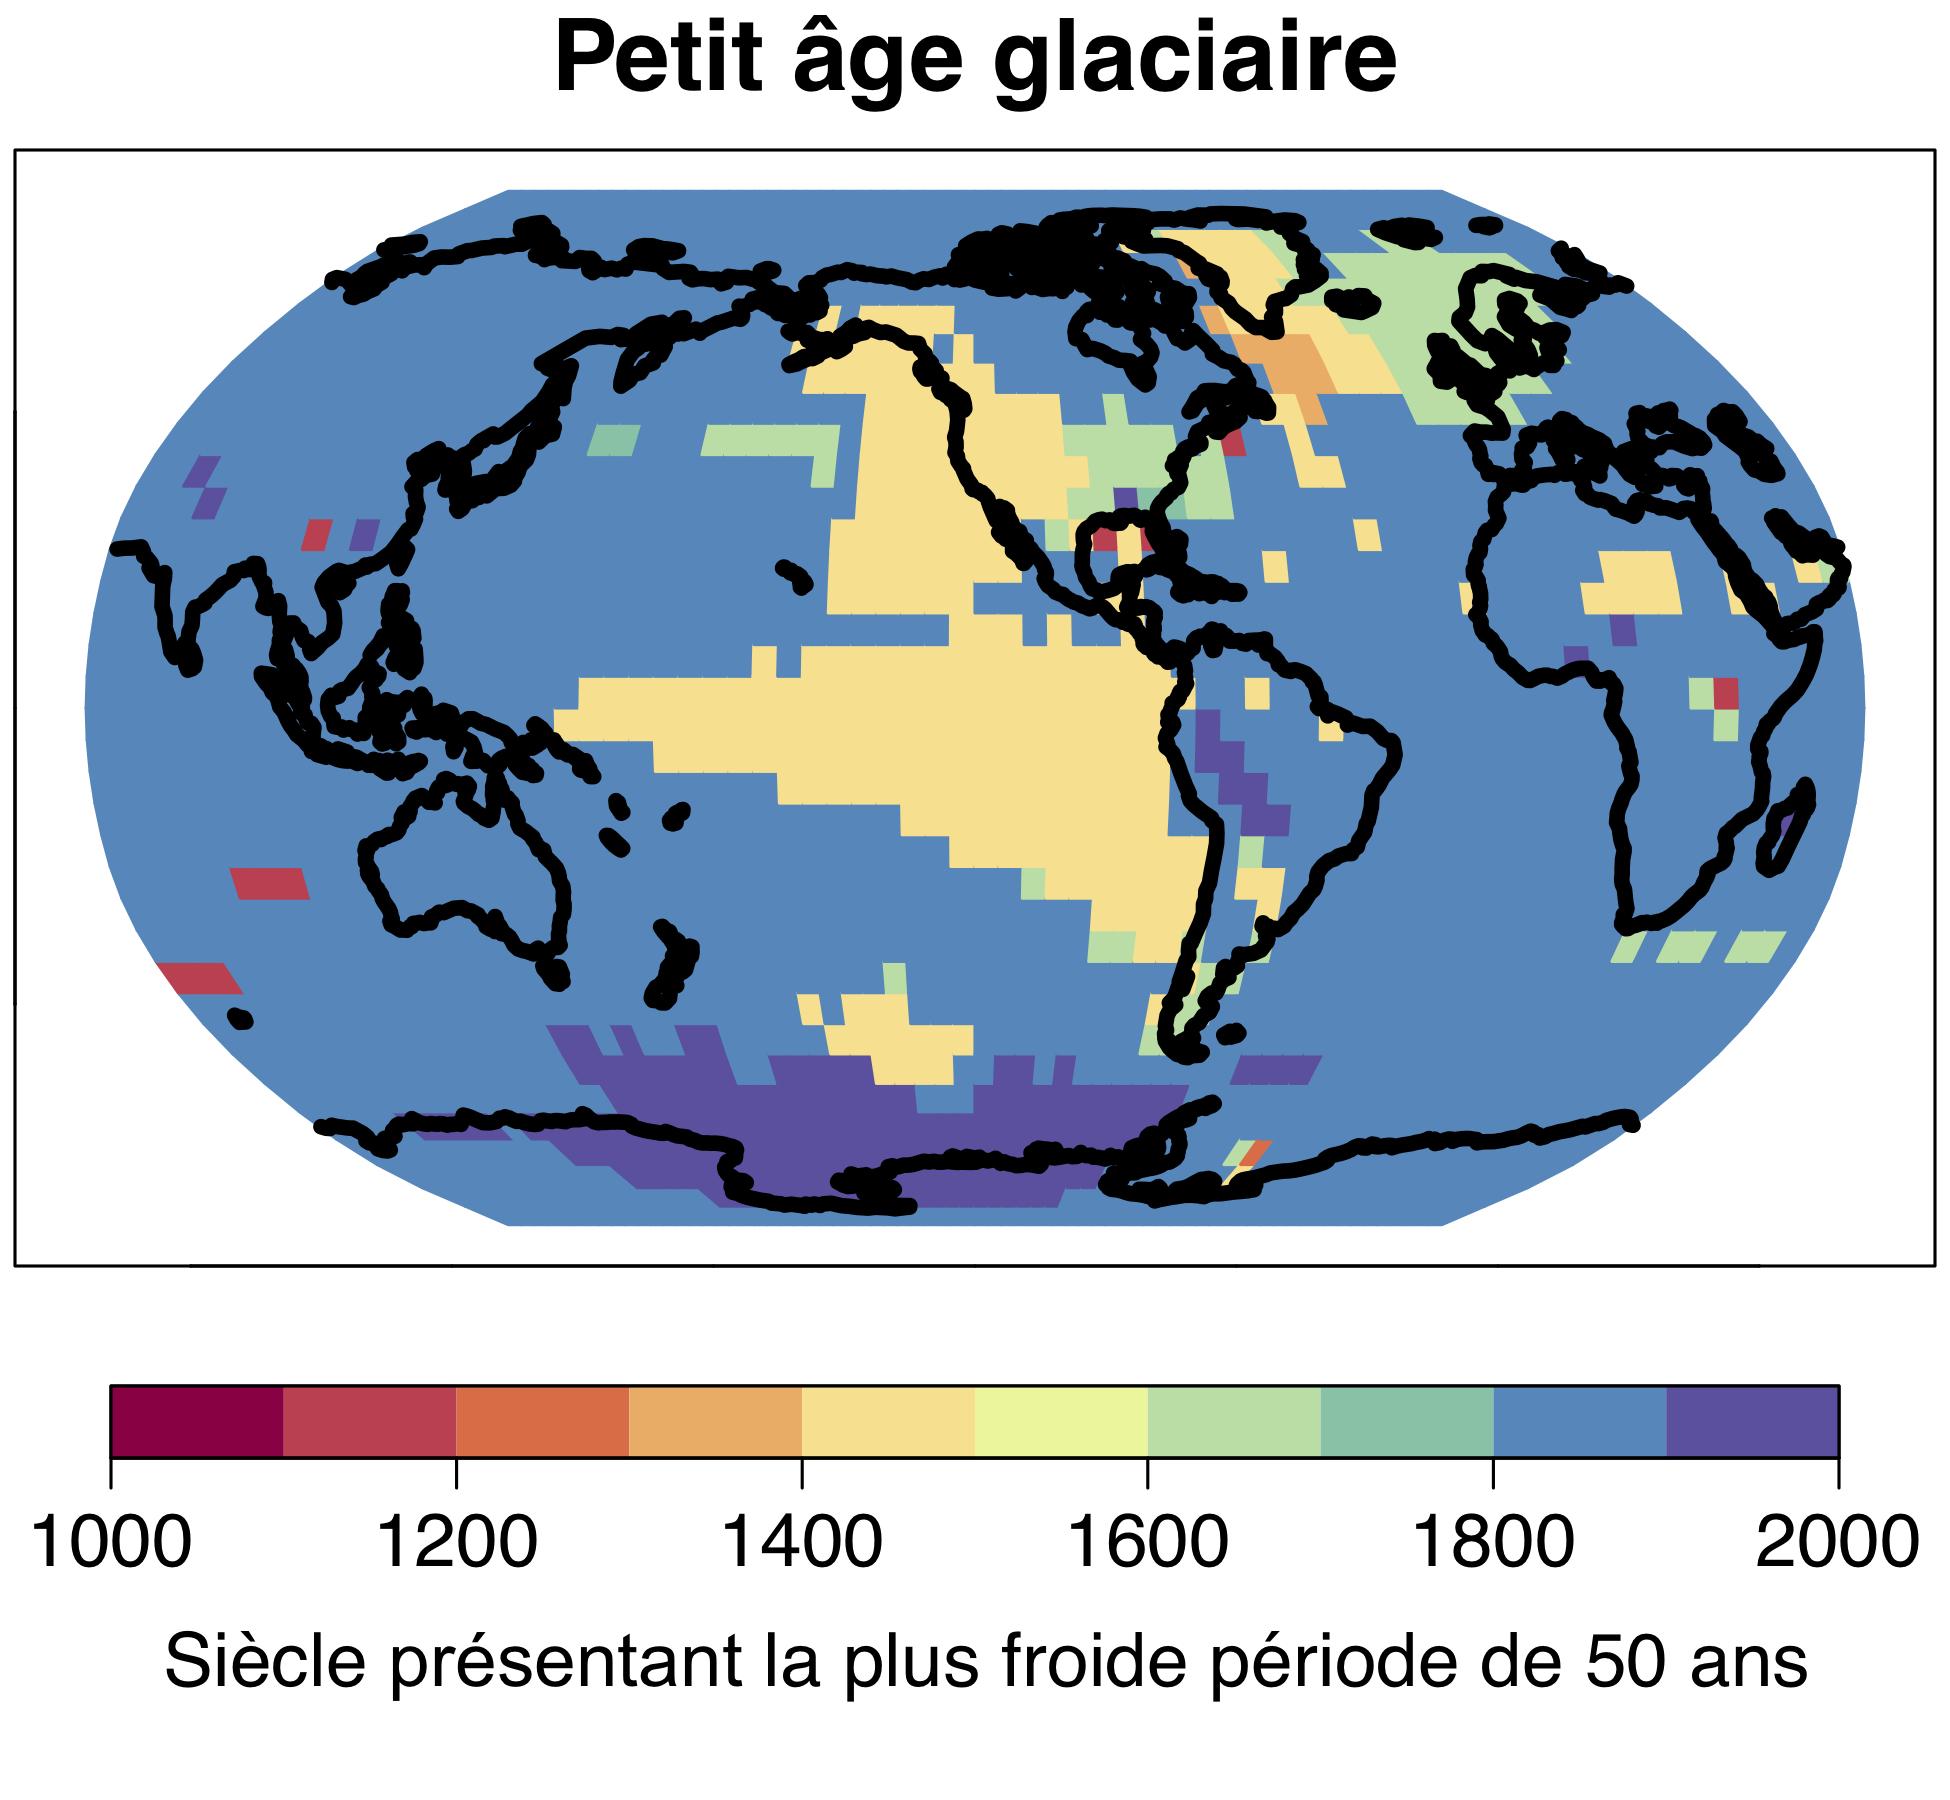 L'ère glaciaire devenue célèbre en Europe et en Amérique du Nord comme le «petit âge glaciaire» n'a pas été un phénomène mondial ; la période la plus froide de 50 ans du dernier millénaire a eu lieu de manière locale et à des moments différents. © Université de Berne